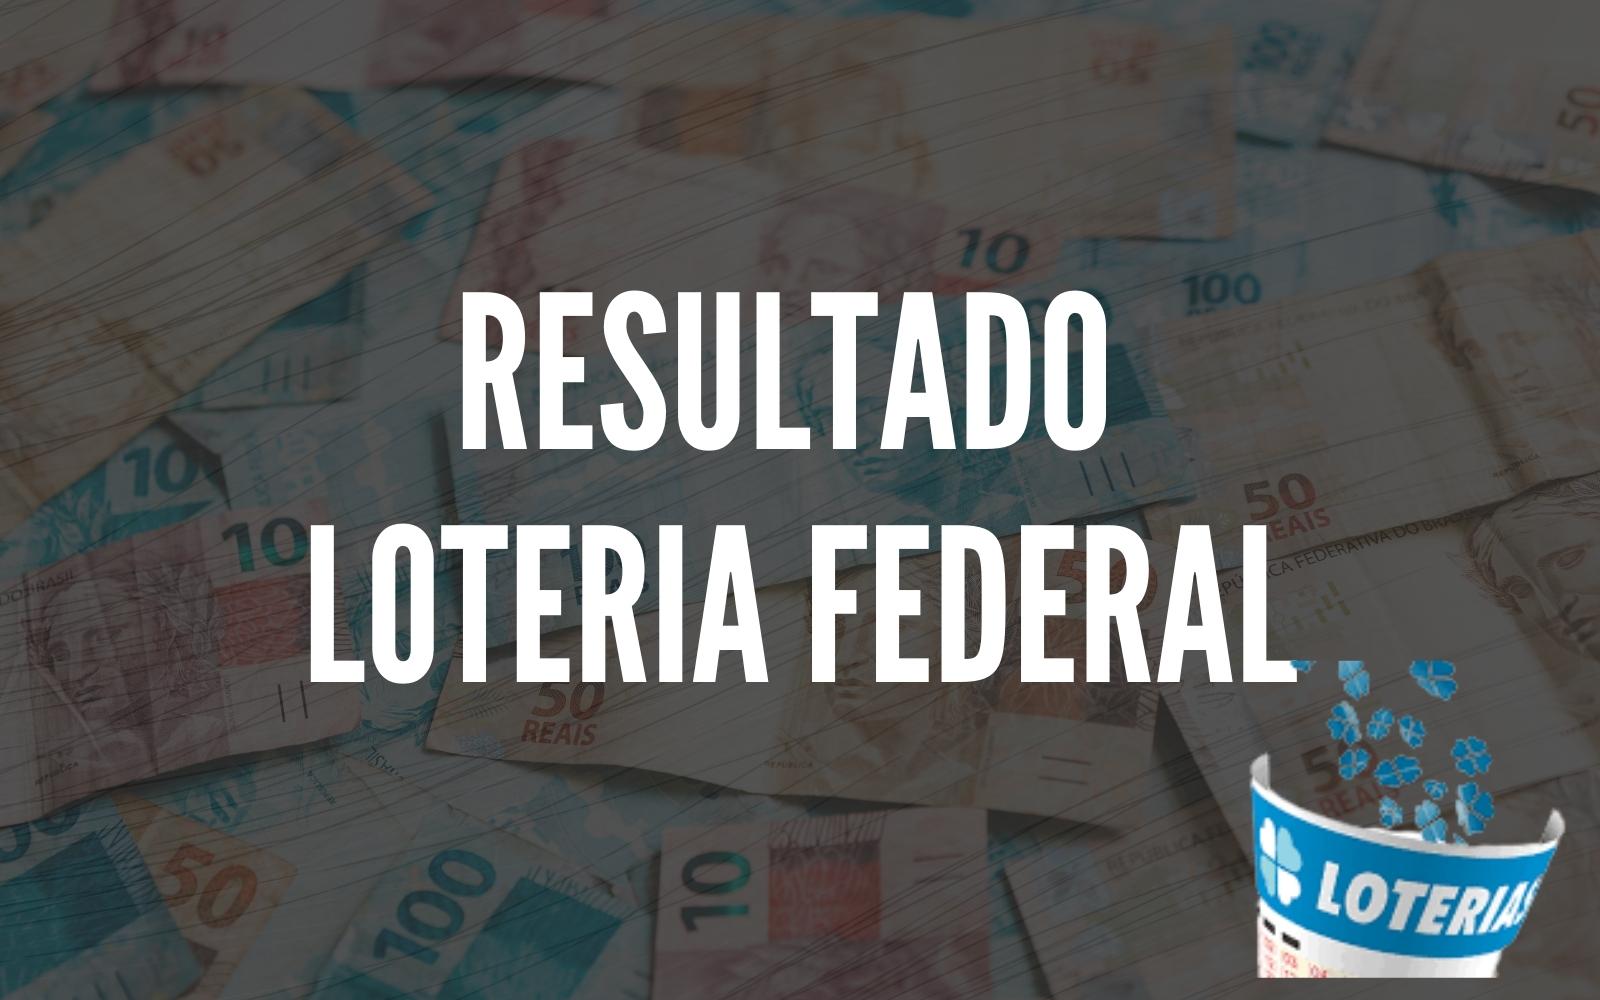 Confira o resultado Loteria Federal 5598 de sábado (18/9/21)